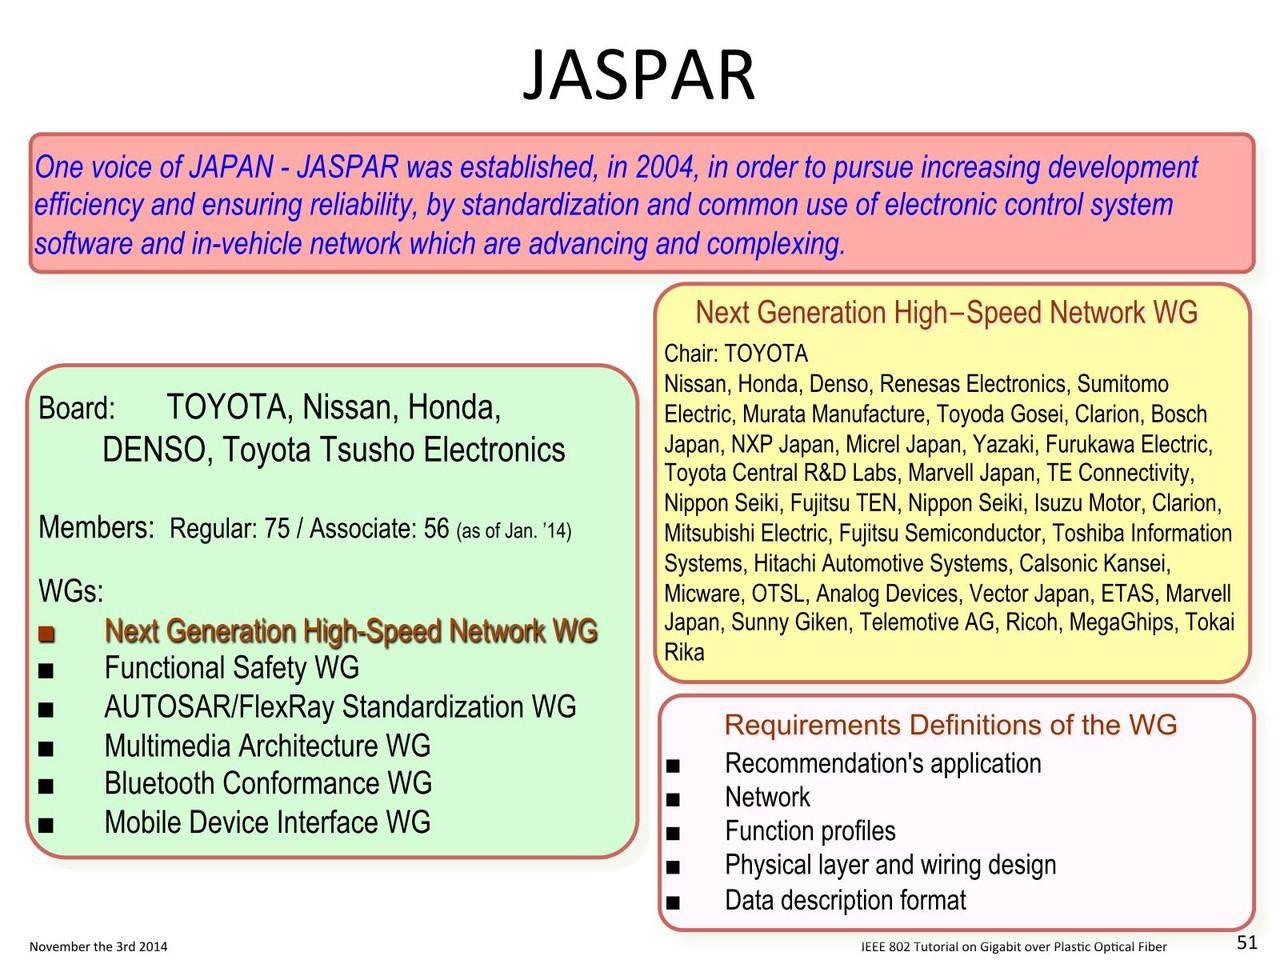 自動車業界の人ならJasParと言えば話が通じるだろうが、ネットワーク業界ではおそらく馴染みがないだろう。ということで、スライドを丸々1枚割いてJasParの説明をしているところがちょっと面白い